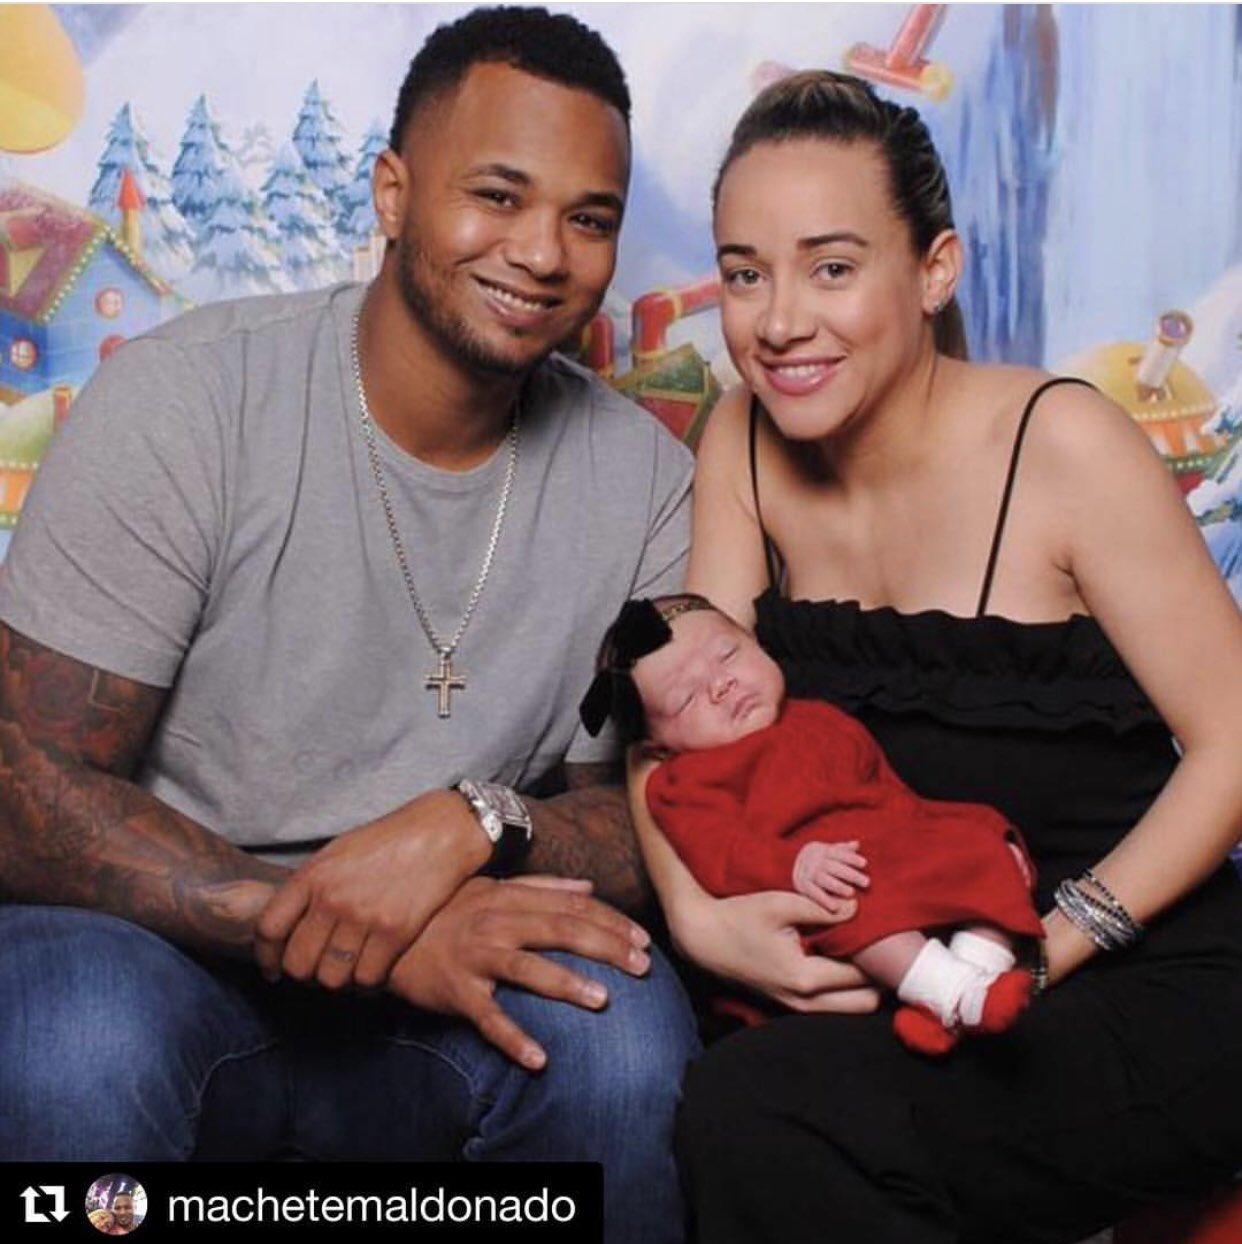 Baseball is family.  ��: @Machete1224/Instagram https://t.co/vbiDqJlEM5